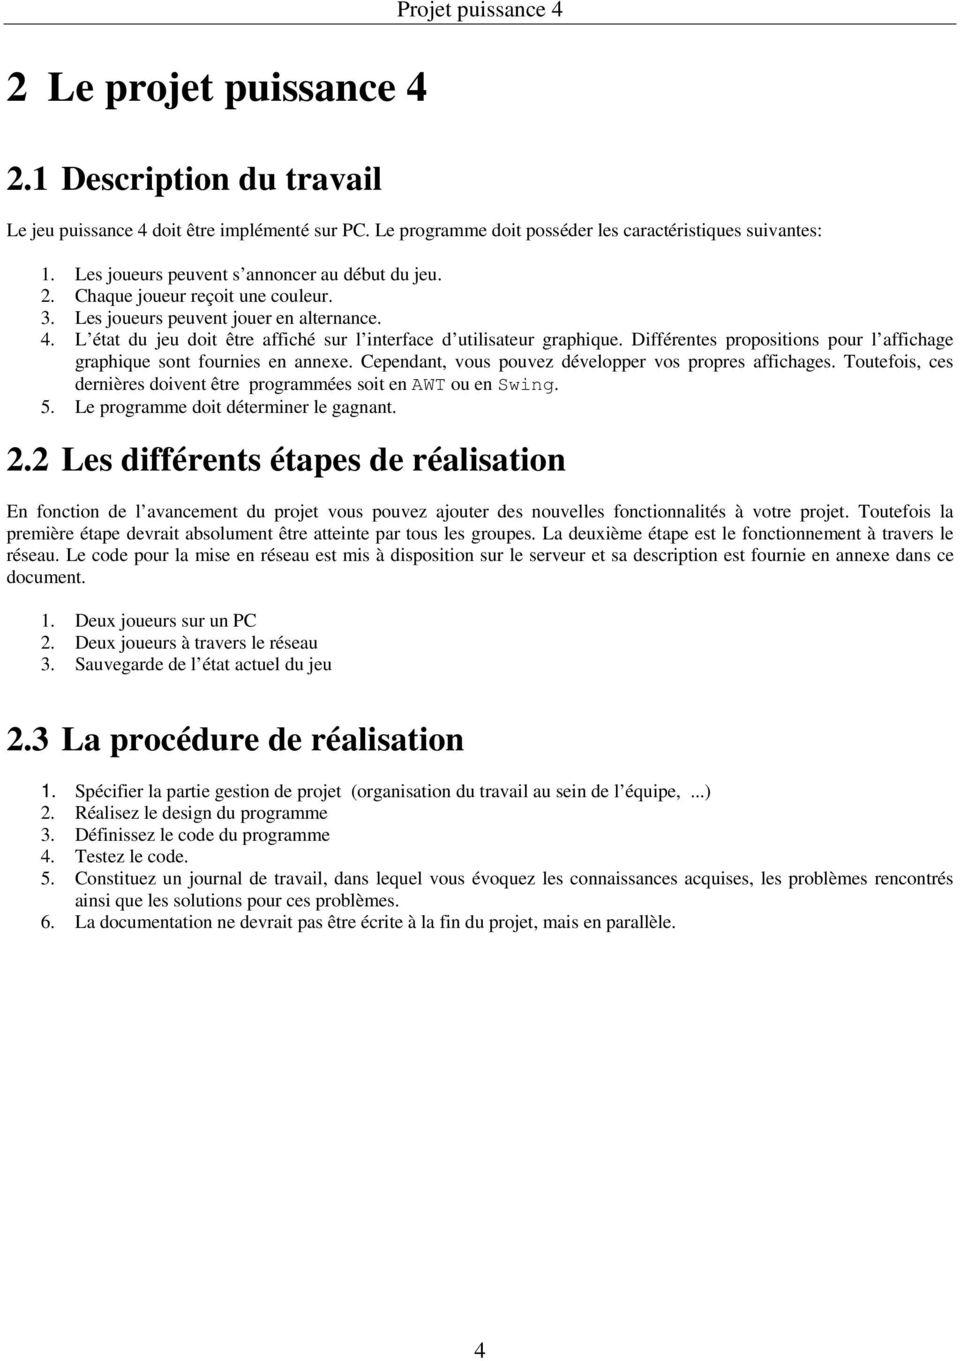 Projet Java. Puissance 4. Haute École Spécialisée Bernoise encequiconcerne Puissance 4 A Deux